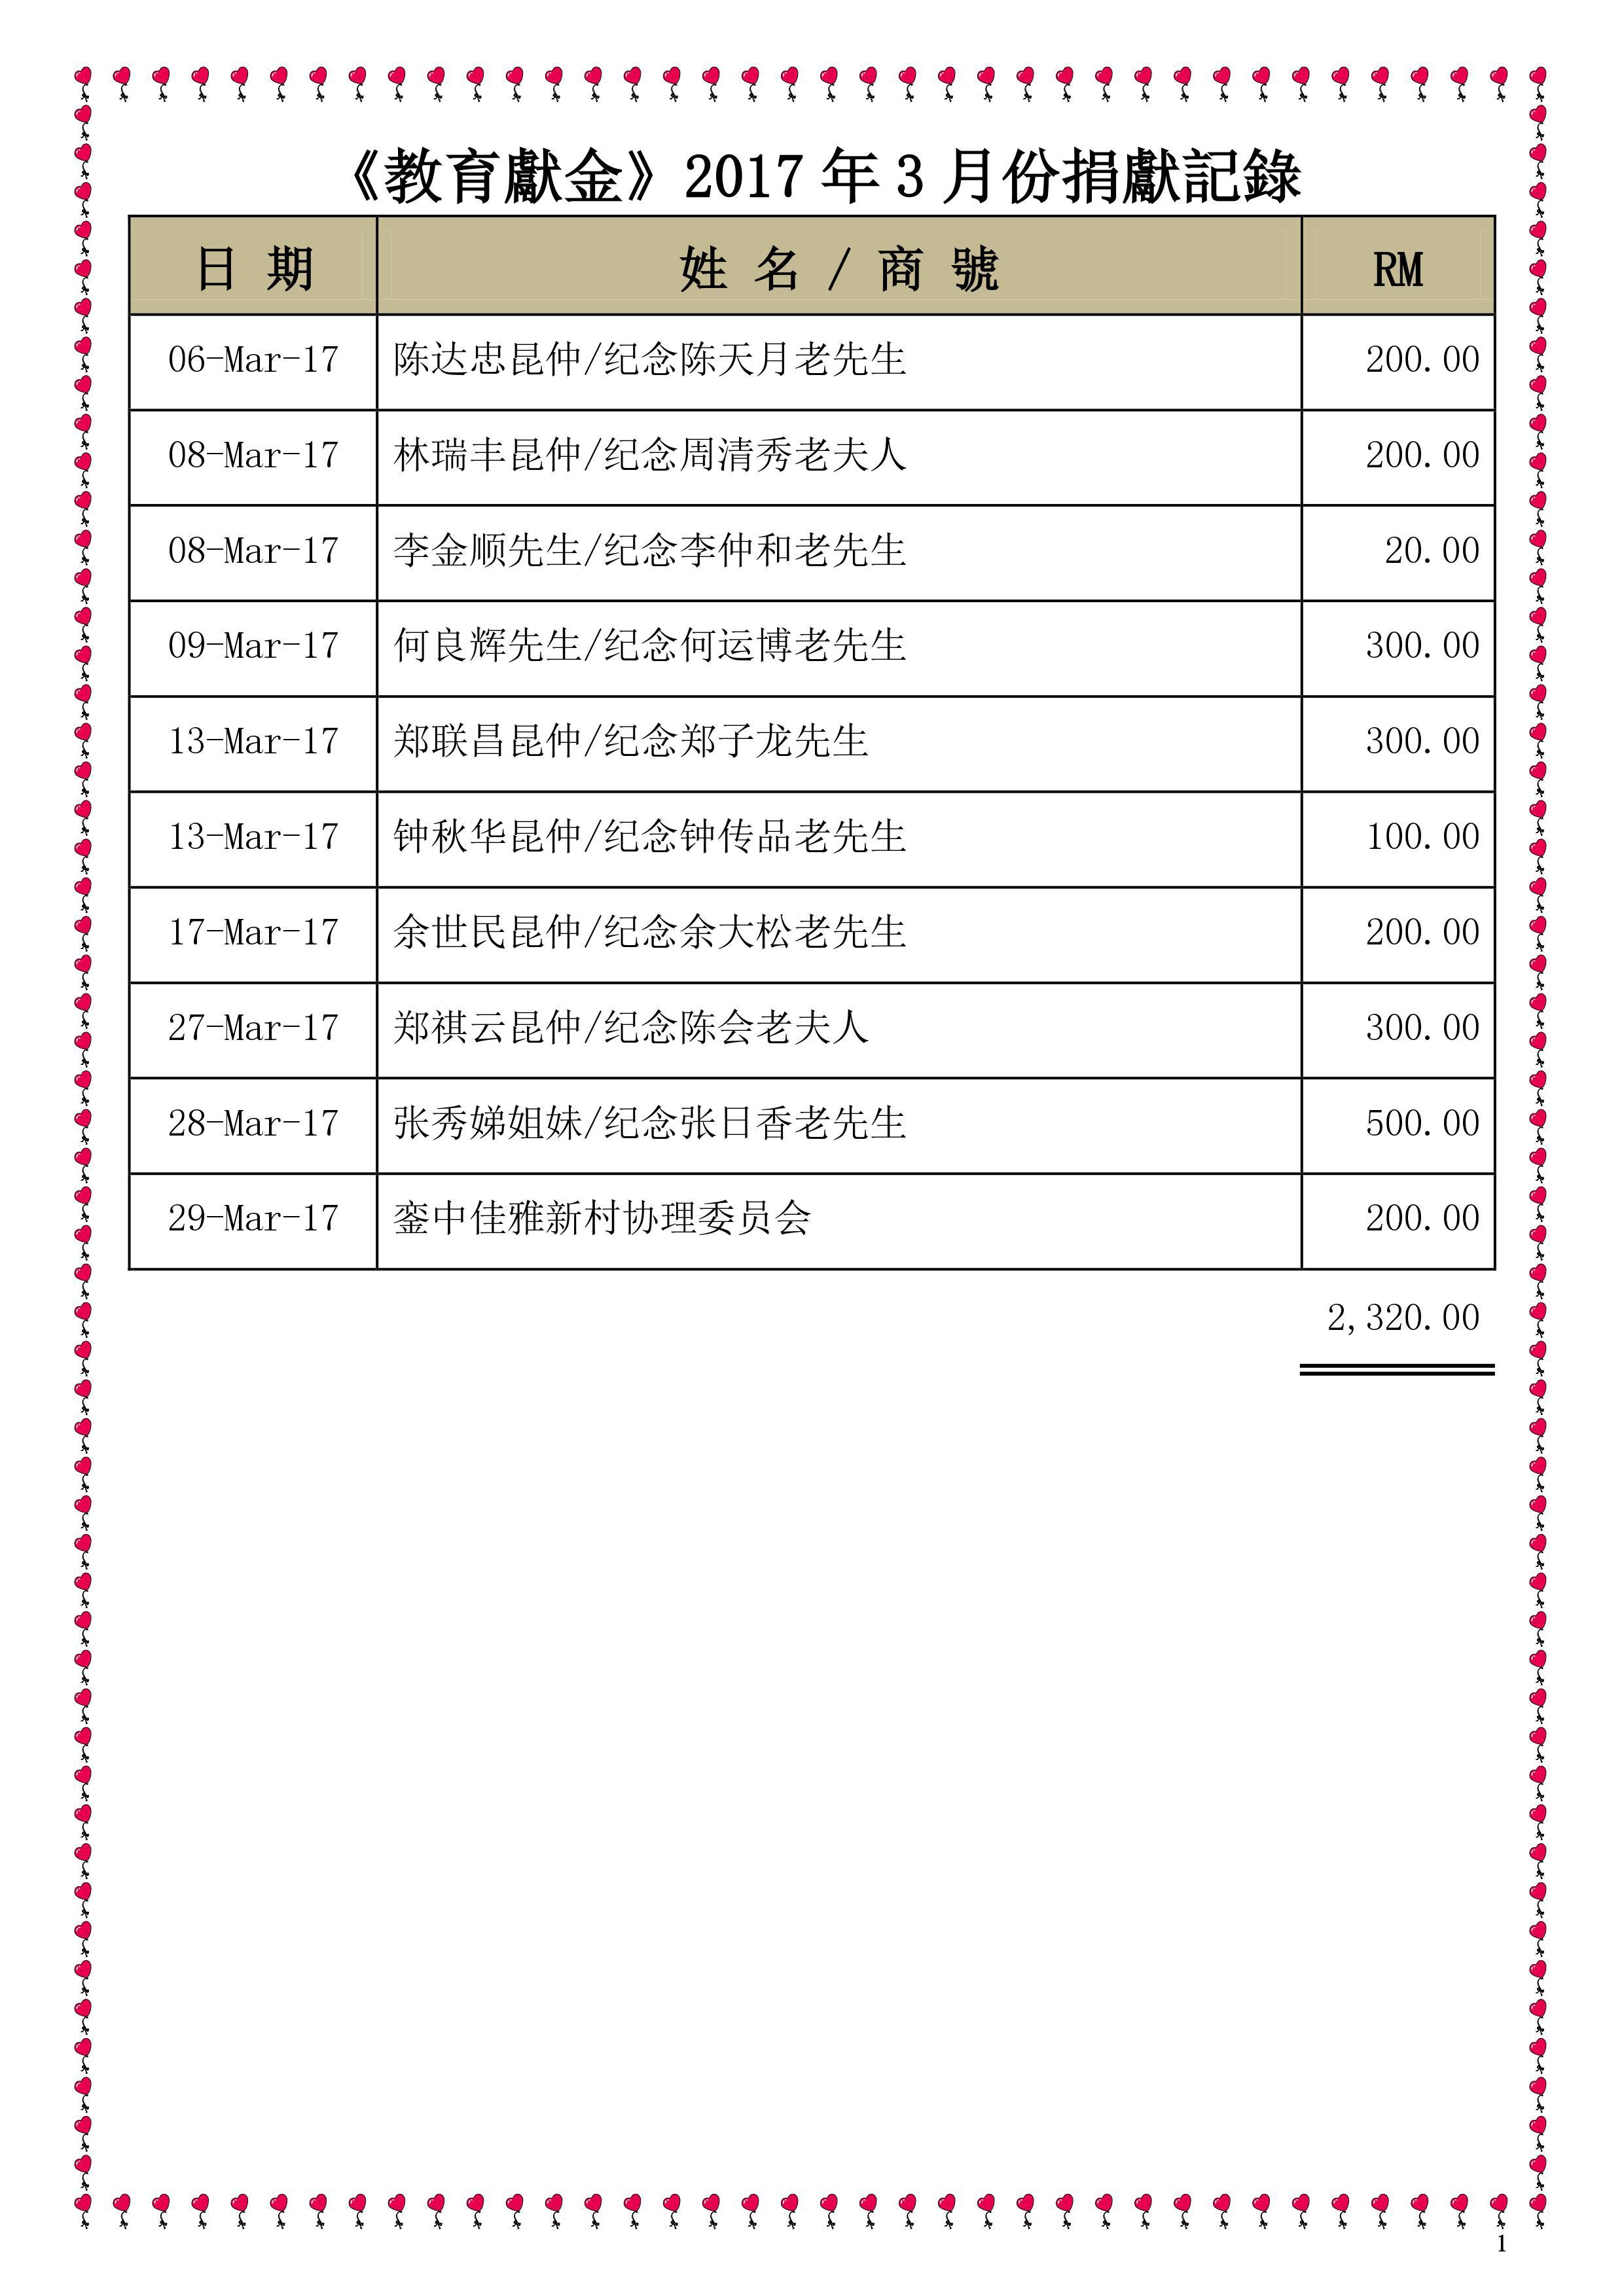 2017年3月份捐献名单